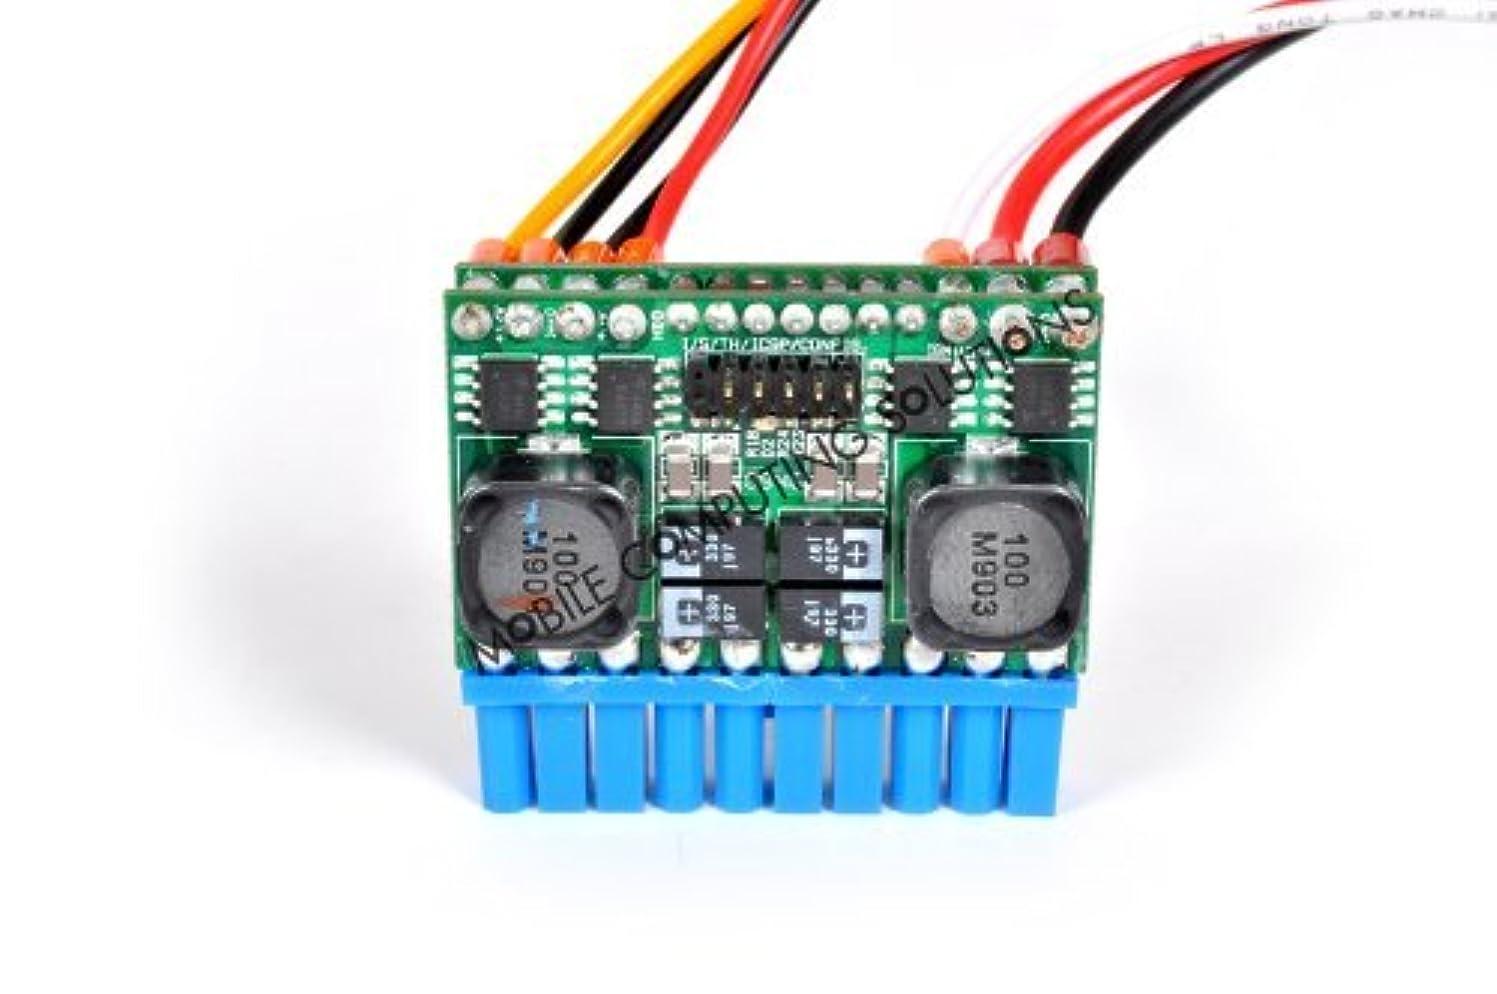 悪性のベイビーに対処するM3-ATX-HV 95 Watt - Smart Automotive Carputer Power Supply [並行輸入品]